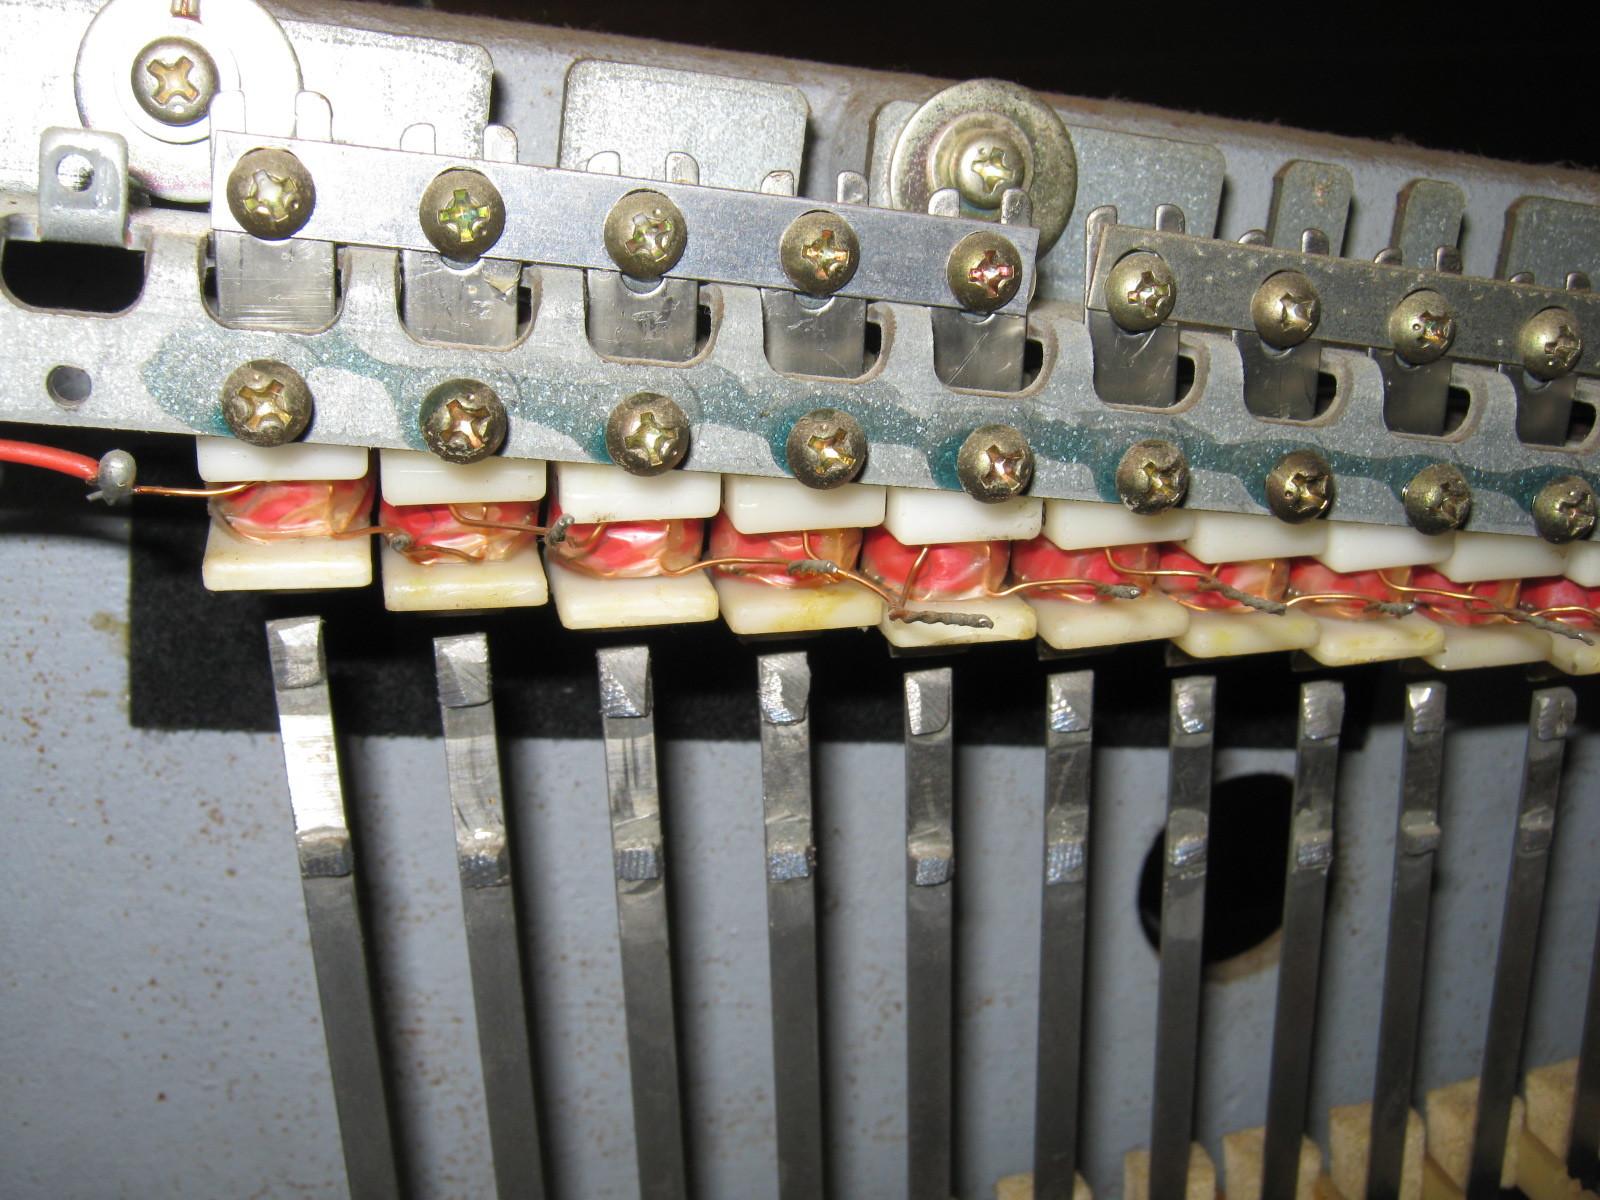 COLUMBIA電気ピアノ(抵抗不良)音源2